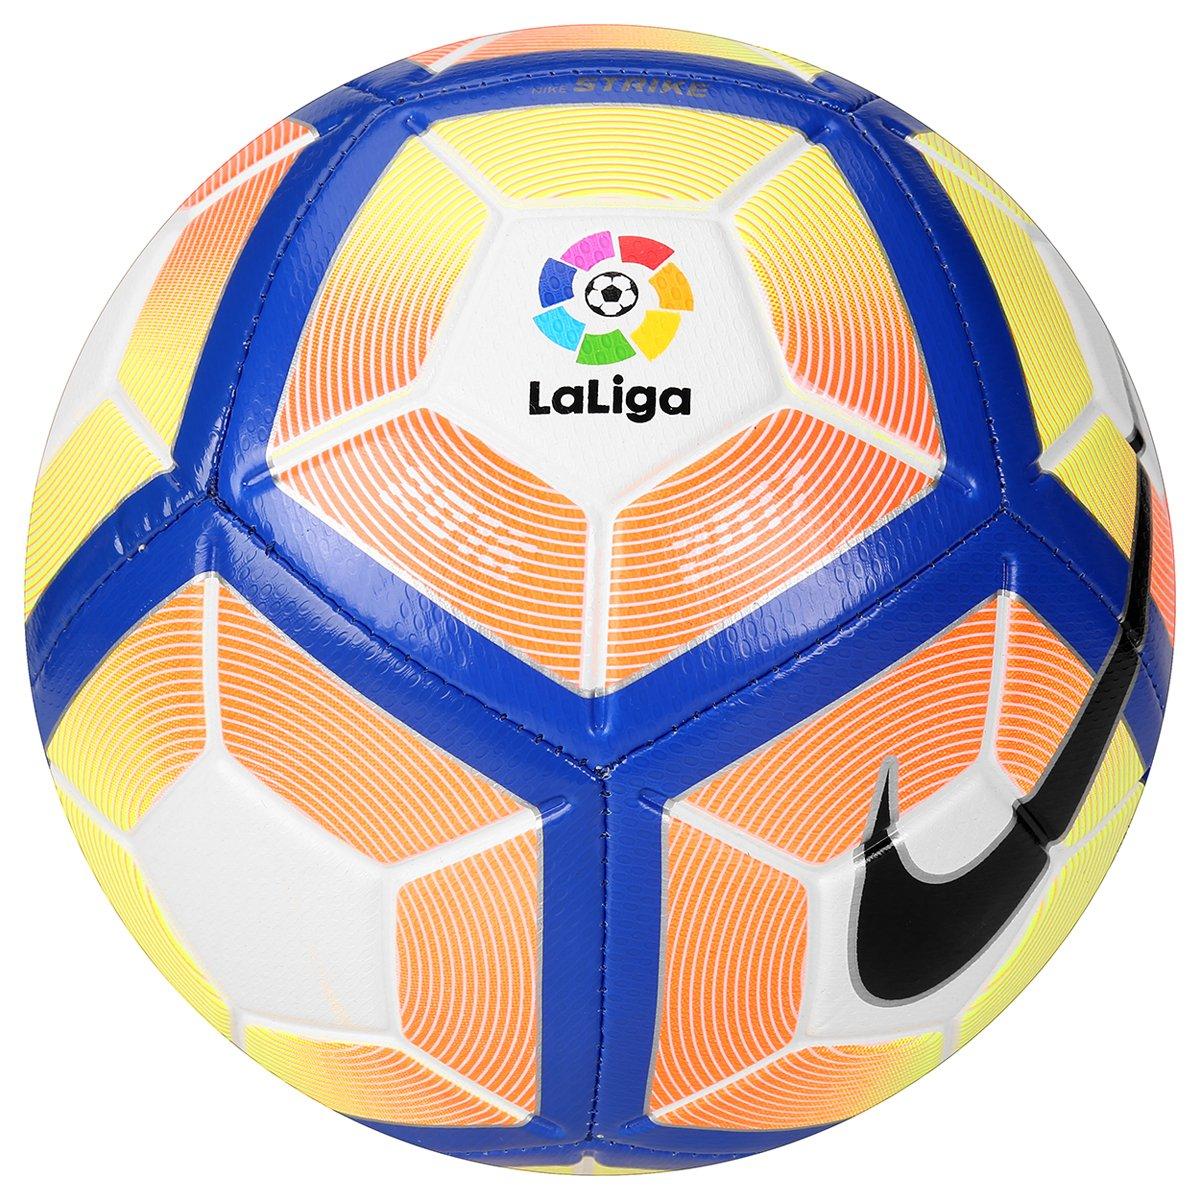 Bola Futebol Nike Strike La Liga - Compre Agora  77a54327f7ec6